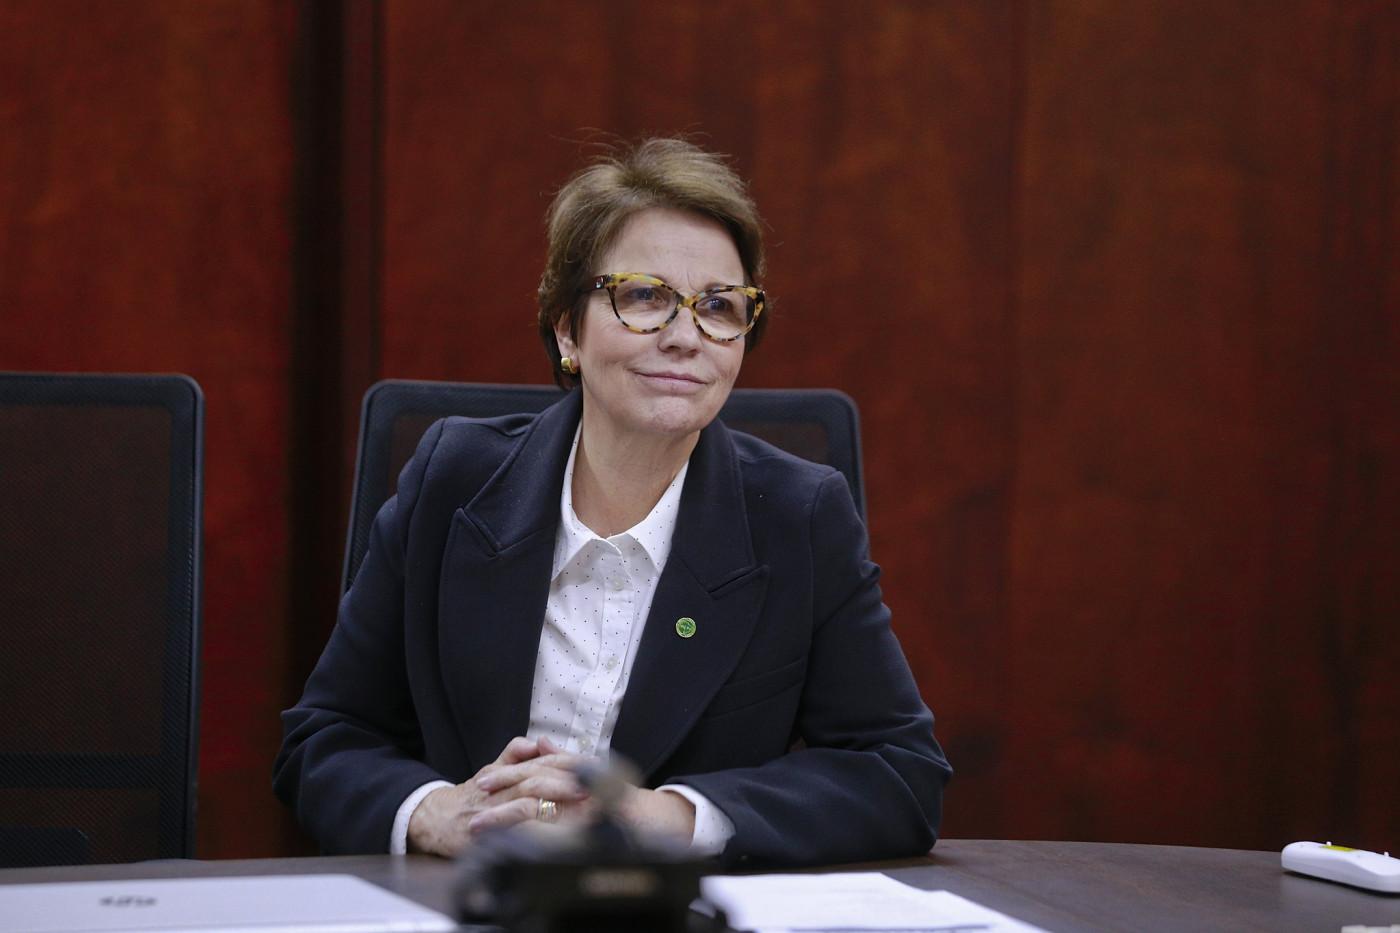 Ministra Tereza Cristina sentada em uma mesa. Ela tem cabelos curtos castanhos, usa óculos vermelhos e um terninho azul escuro com camisa branca por baixo.